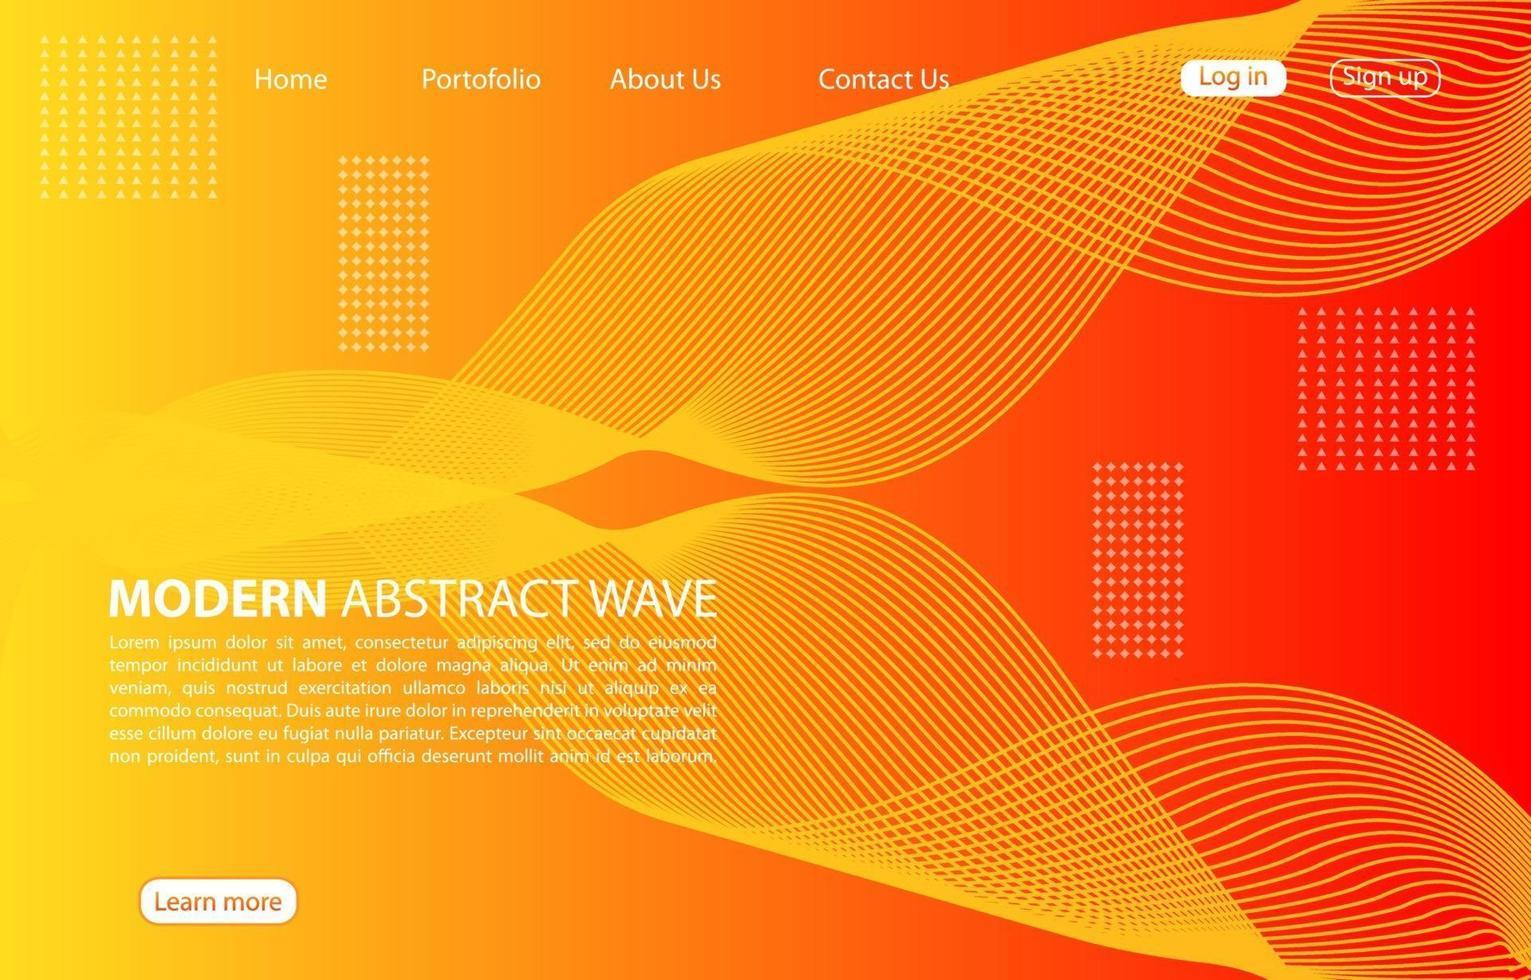 moderne abstrakte Welle background.landing page abstrakte Welle Design. orange Hintergrund. vektor